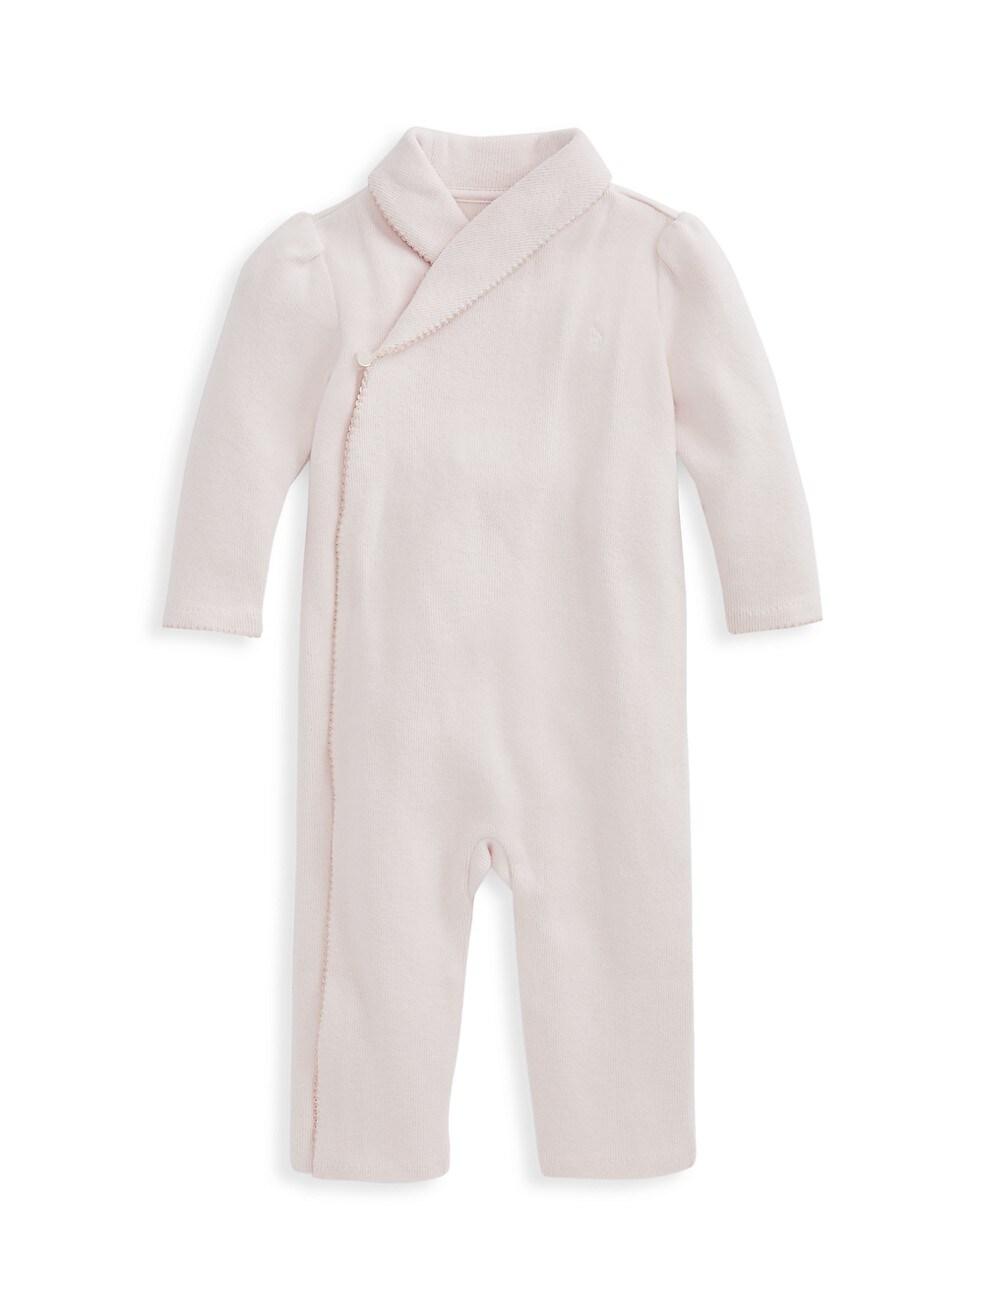 폴로 랄프로렌 베이비 아기옷 우주복  Polo Ralph Lauren Baby Girls Cotton Coverall,PINK